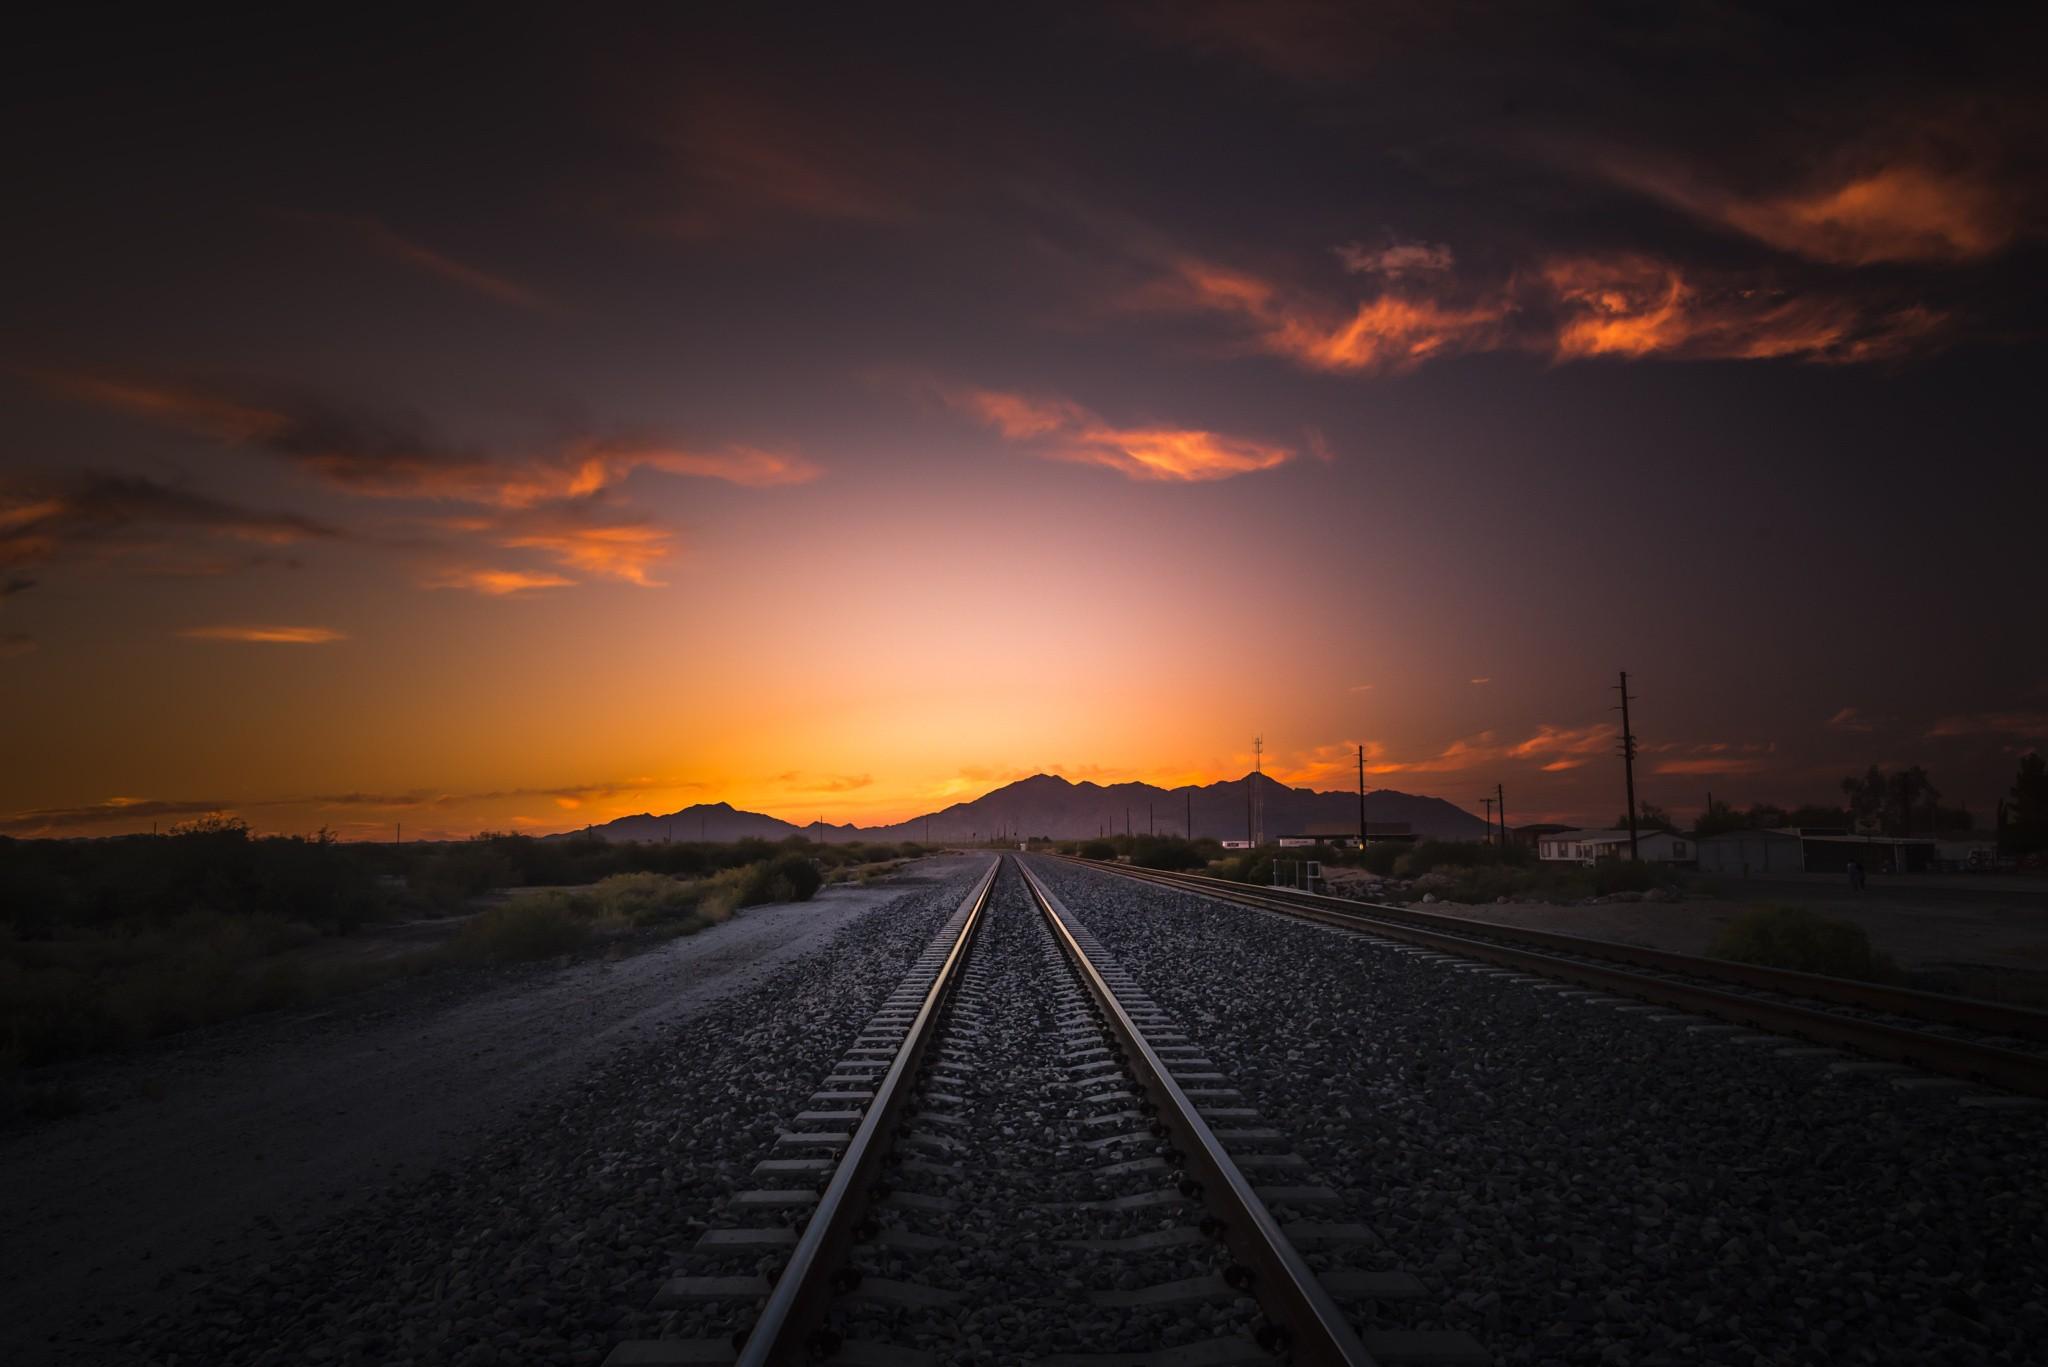 картинки поездов уходящих в путь строительство срубов